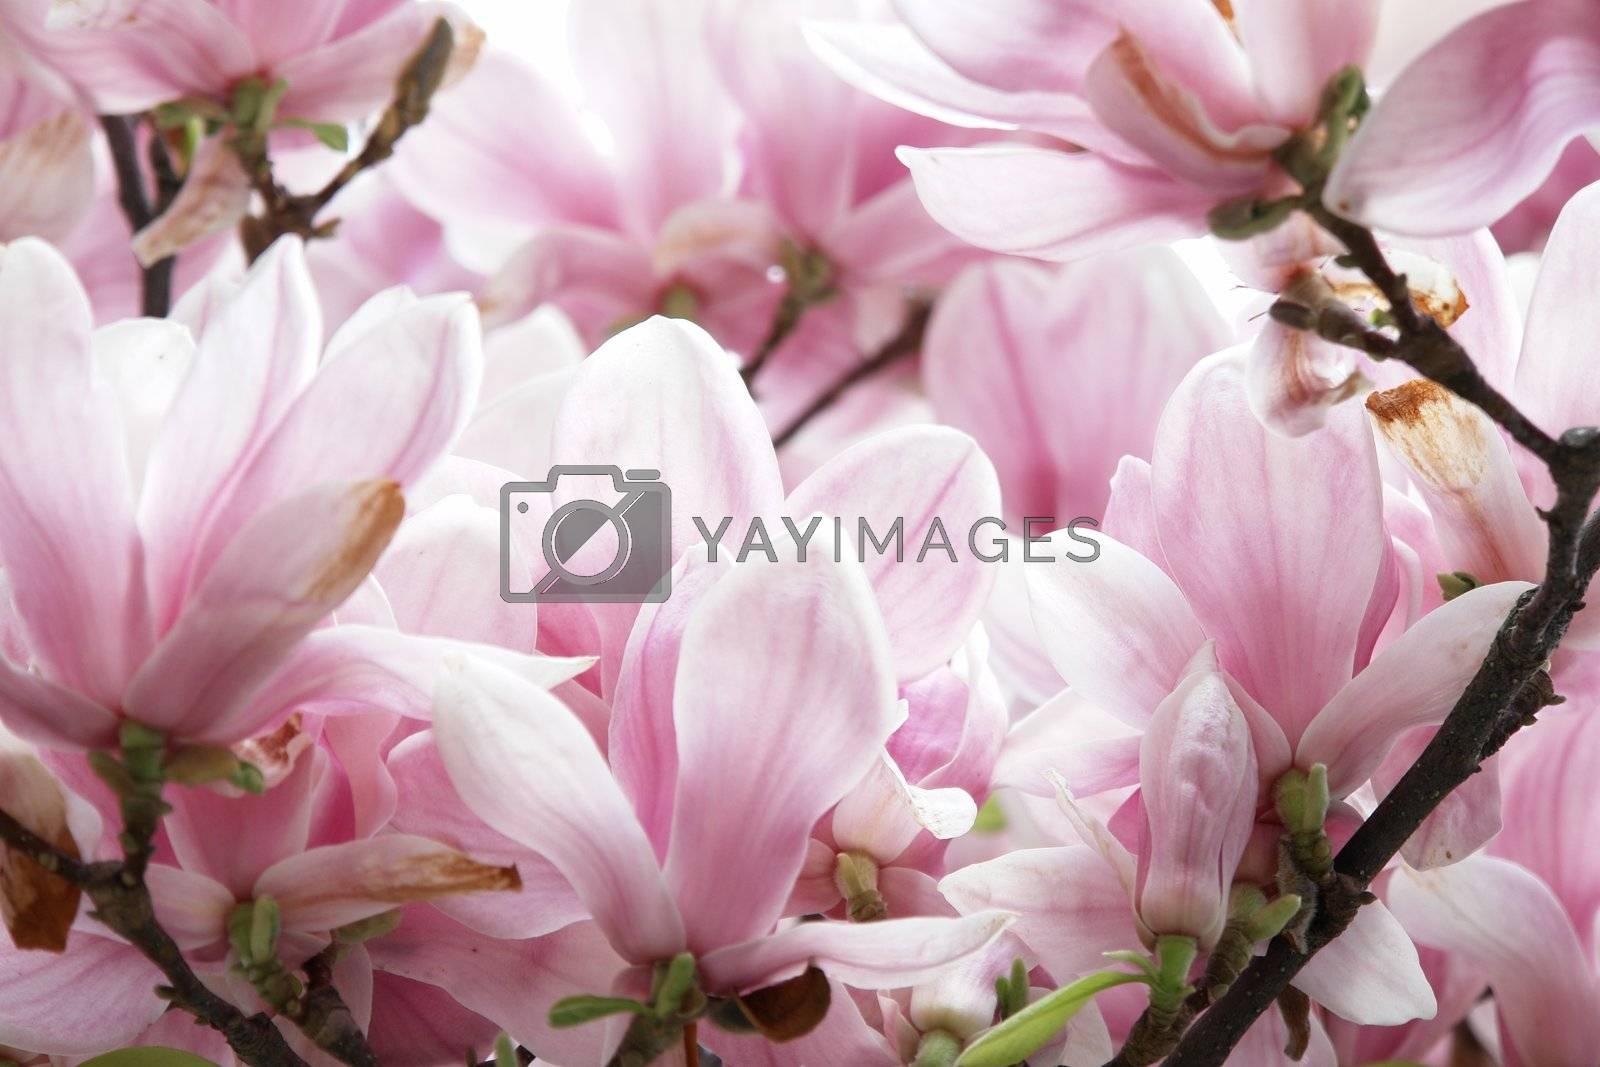 beautiful colorful viivid flowers in bloom pink